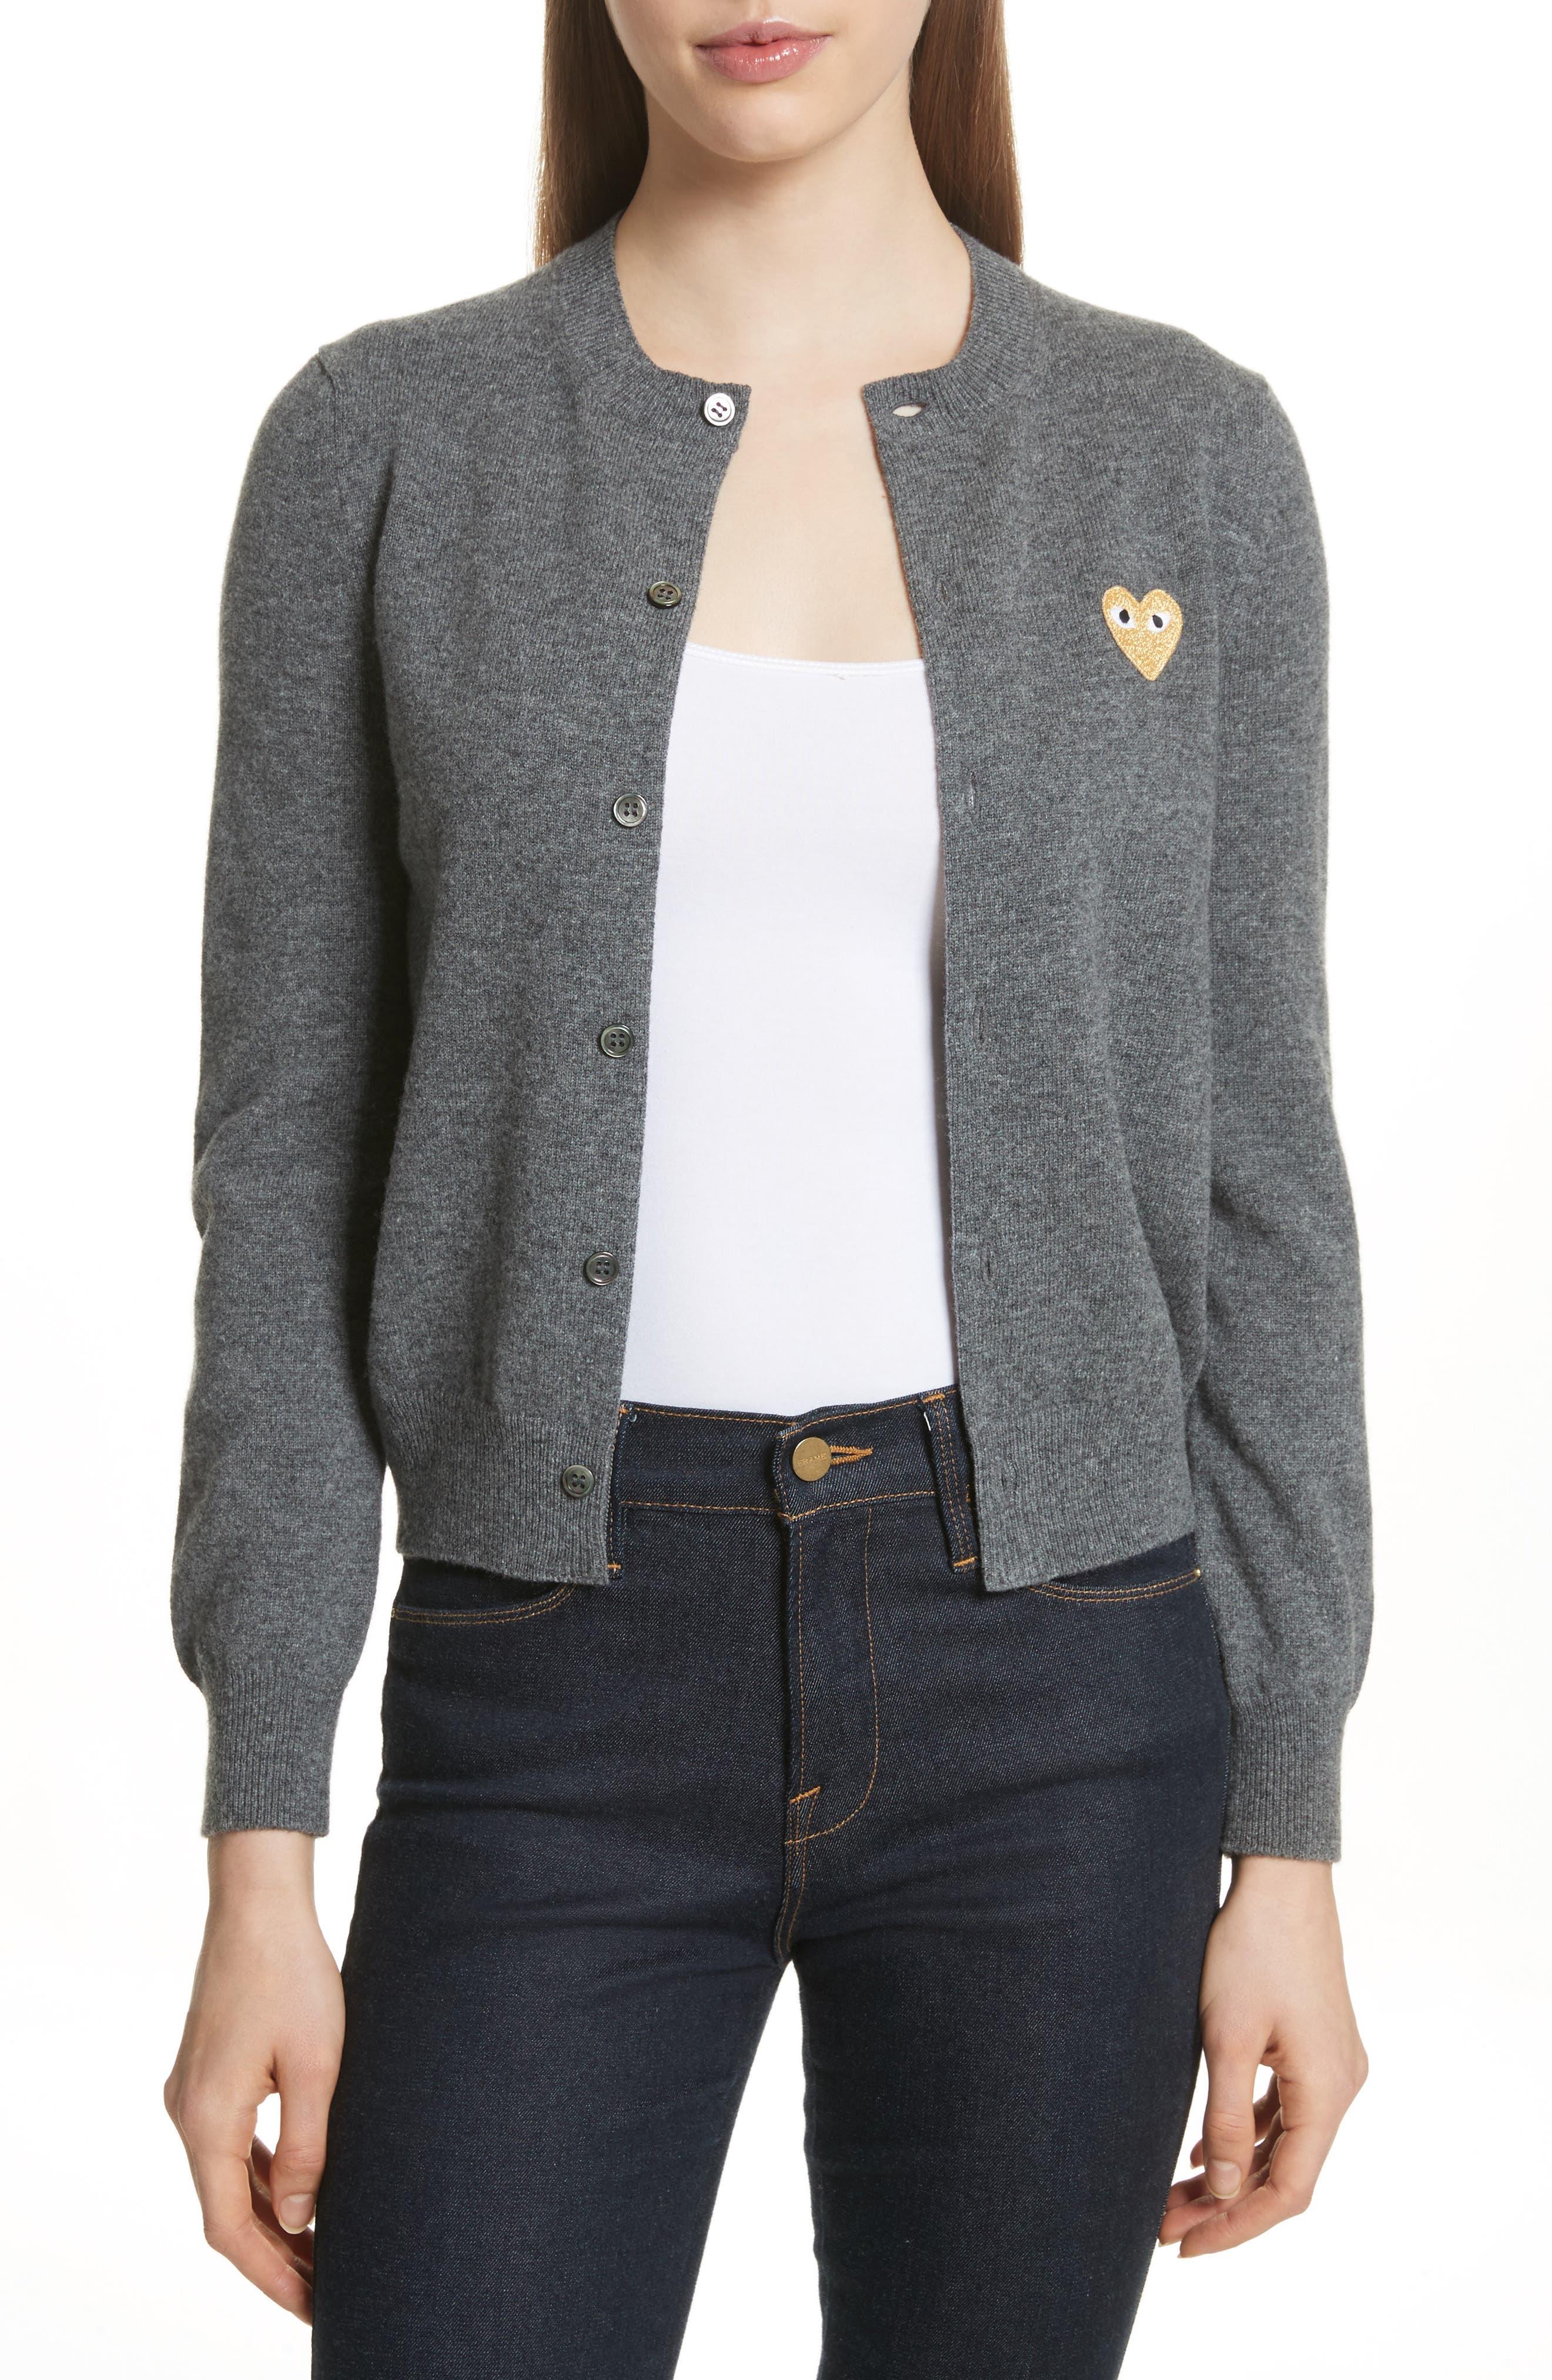 Comme des Garçons WoMen's Sweaters & Men's Sweaters Fashion ...